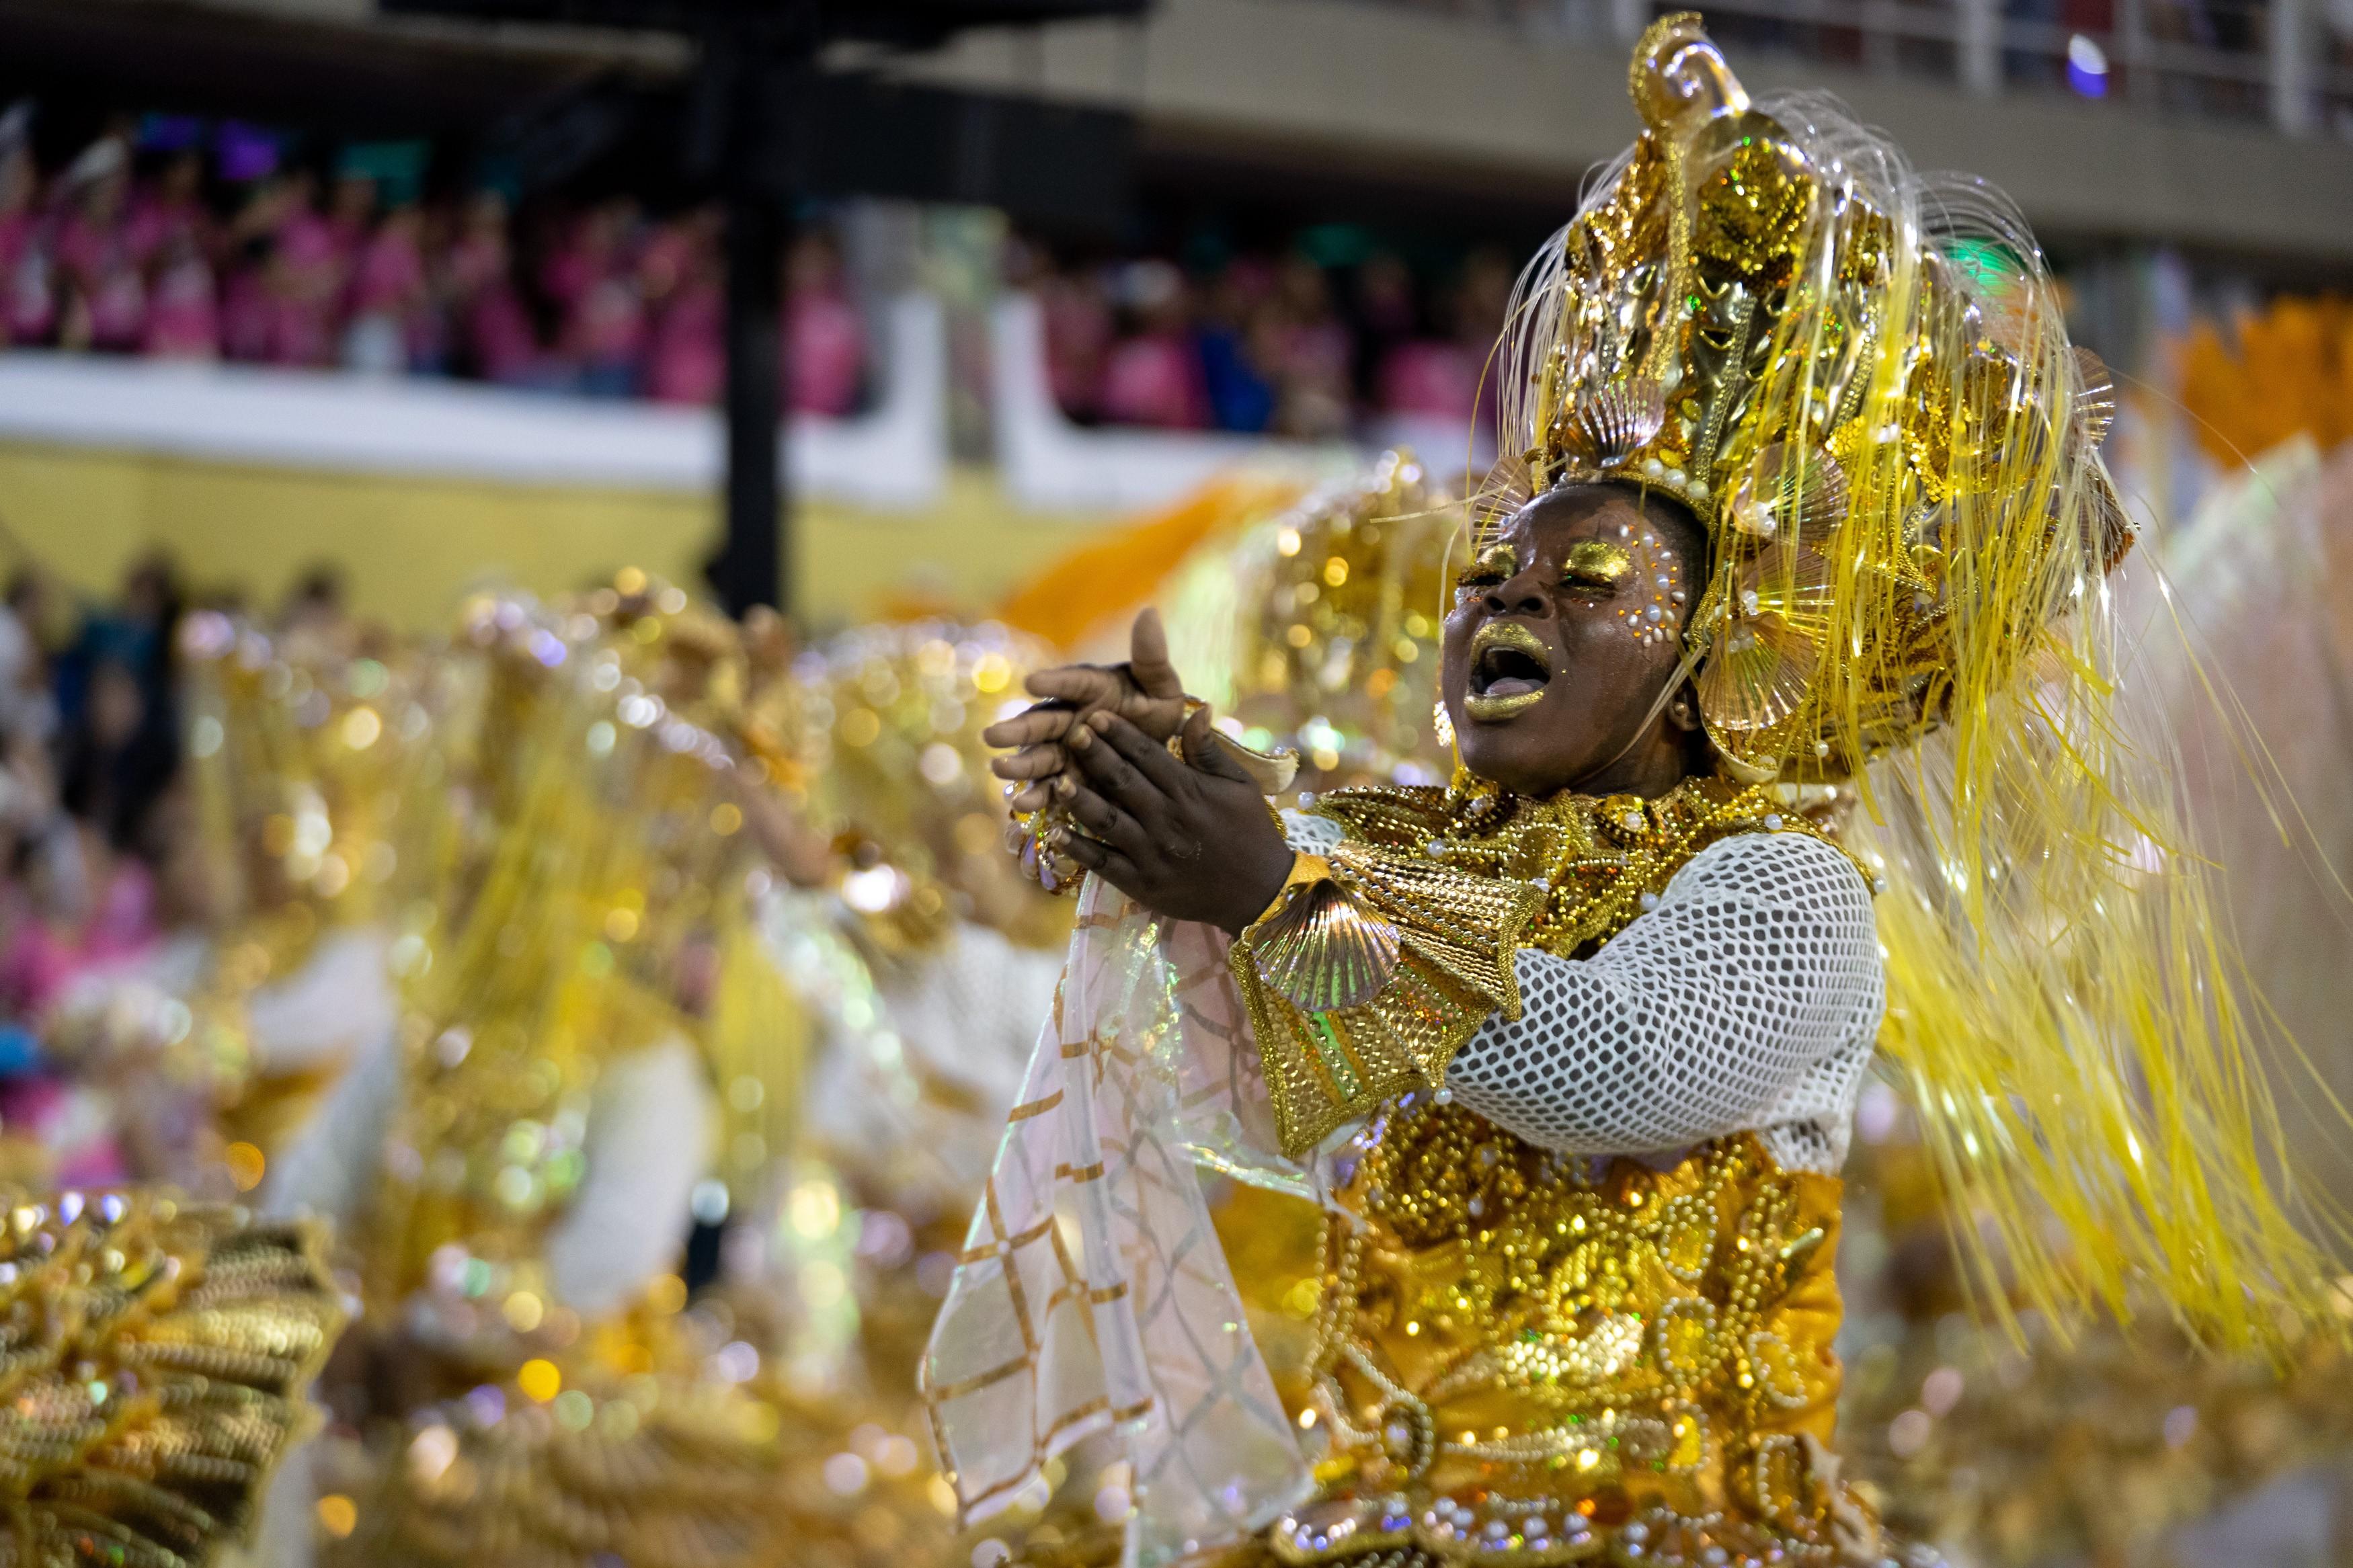 Ganhadeiras de Itapuã fazem jus ao nome com vitória da Viradouro no Carnaval do Rio